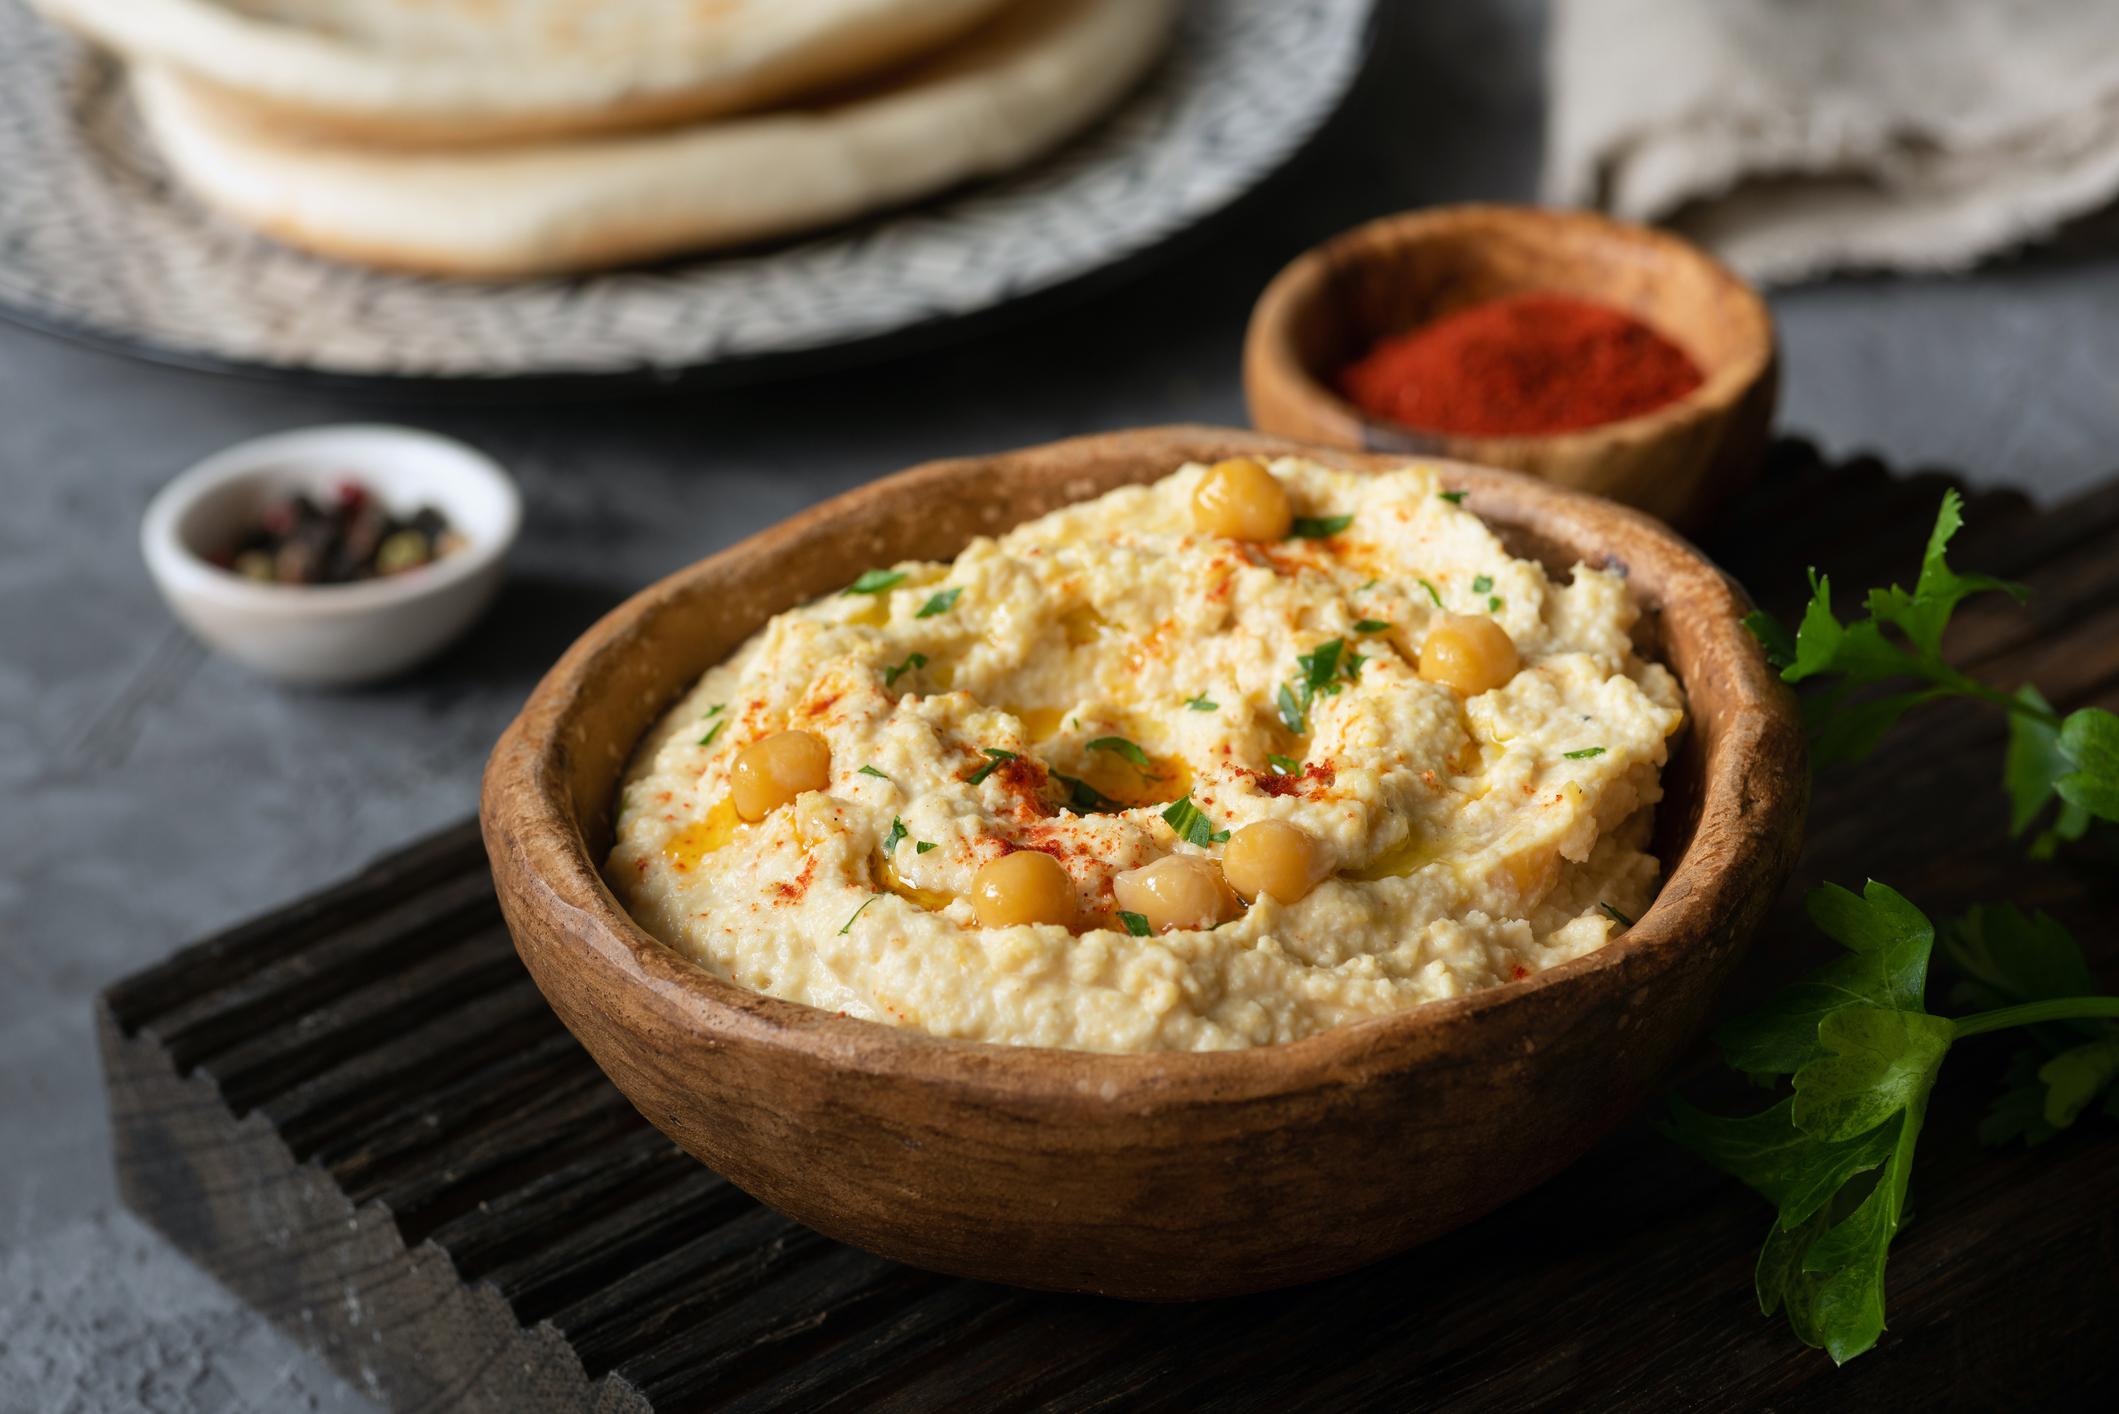 Богат е на протеини- хумусът доставя на организма ни голямо разнообразие от различни витамини и минерали. Той е отличен растителен източник на протеини, което го прави отлична хранителна опция за веганите и вегетарианците.